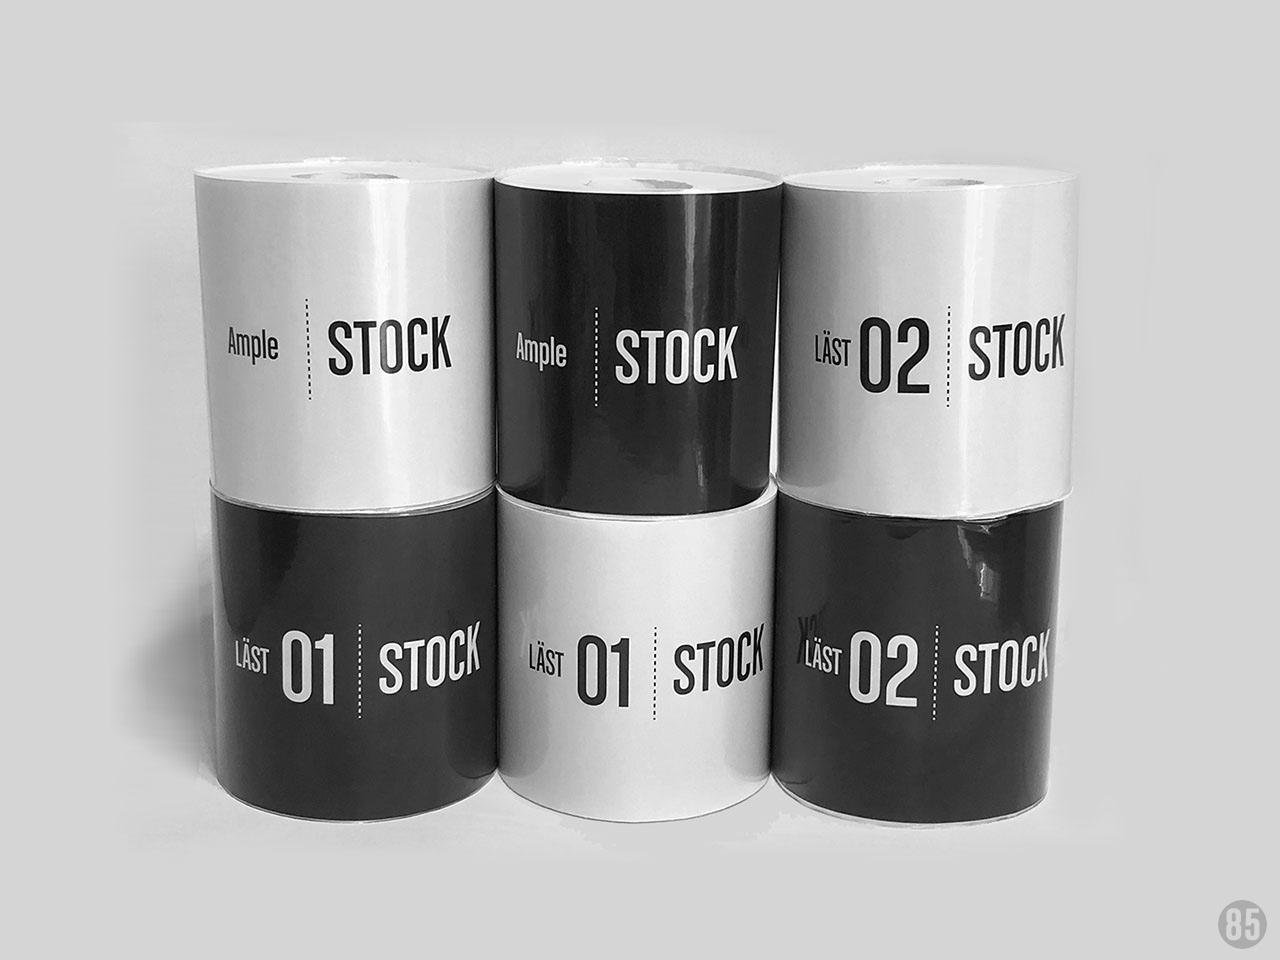 トイレットペーパーカバー[stock]